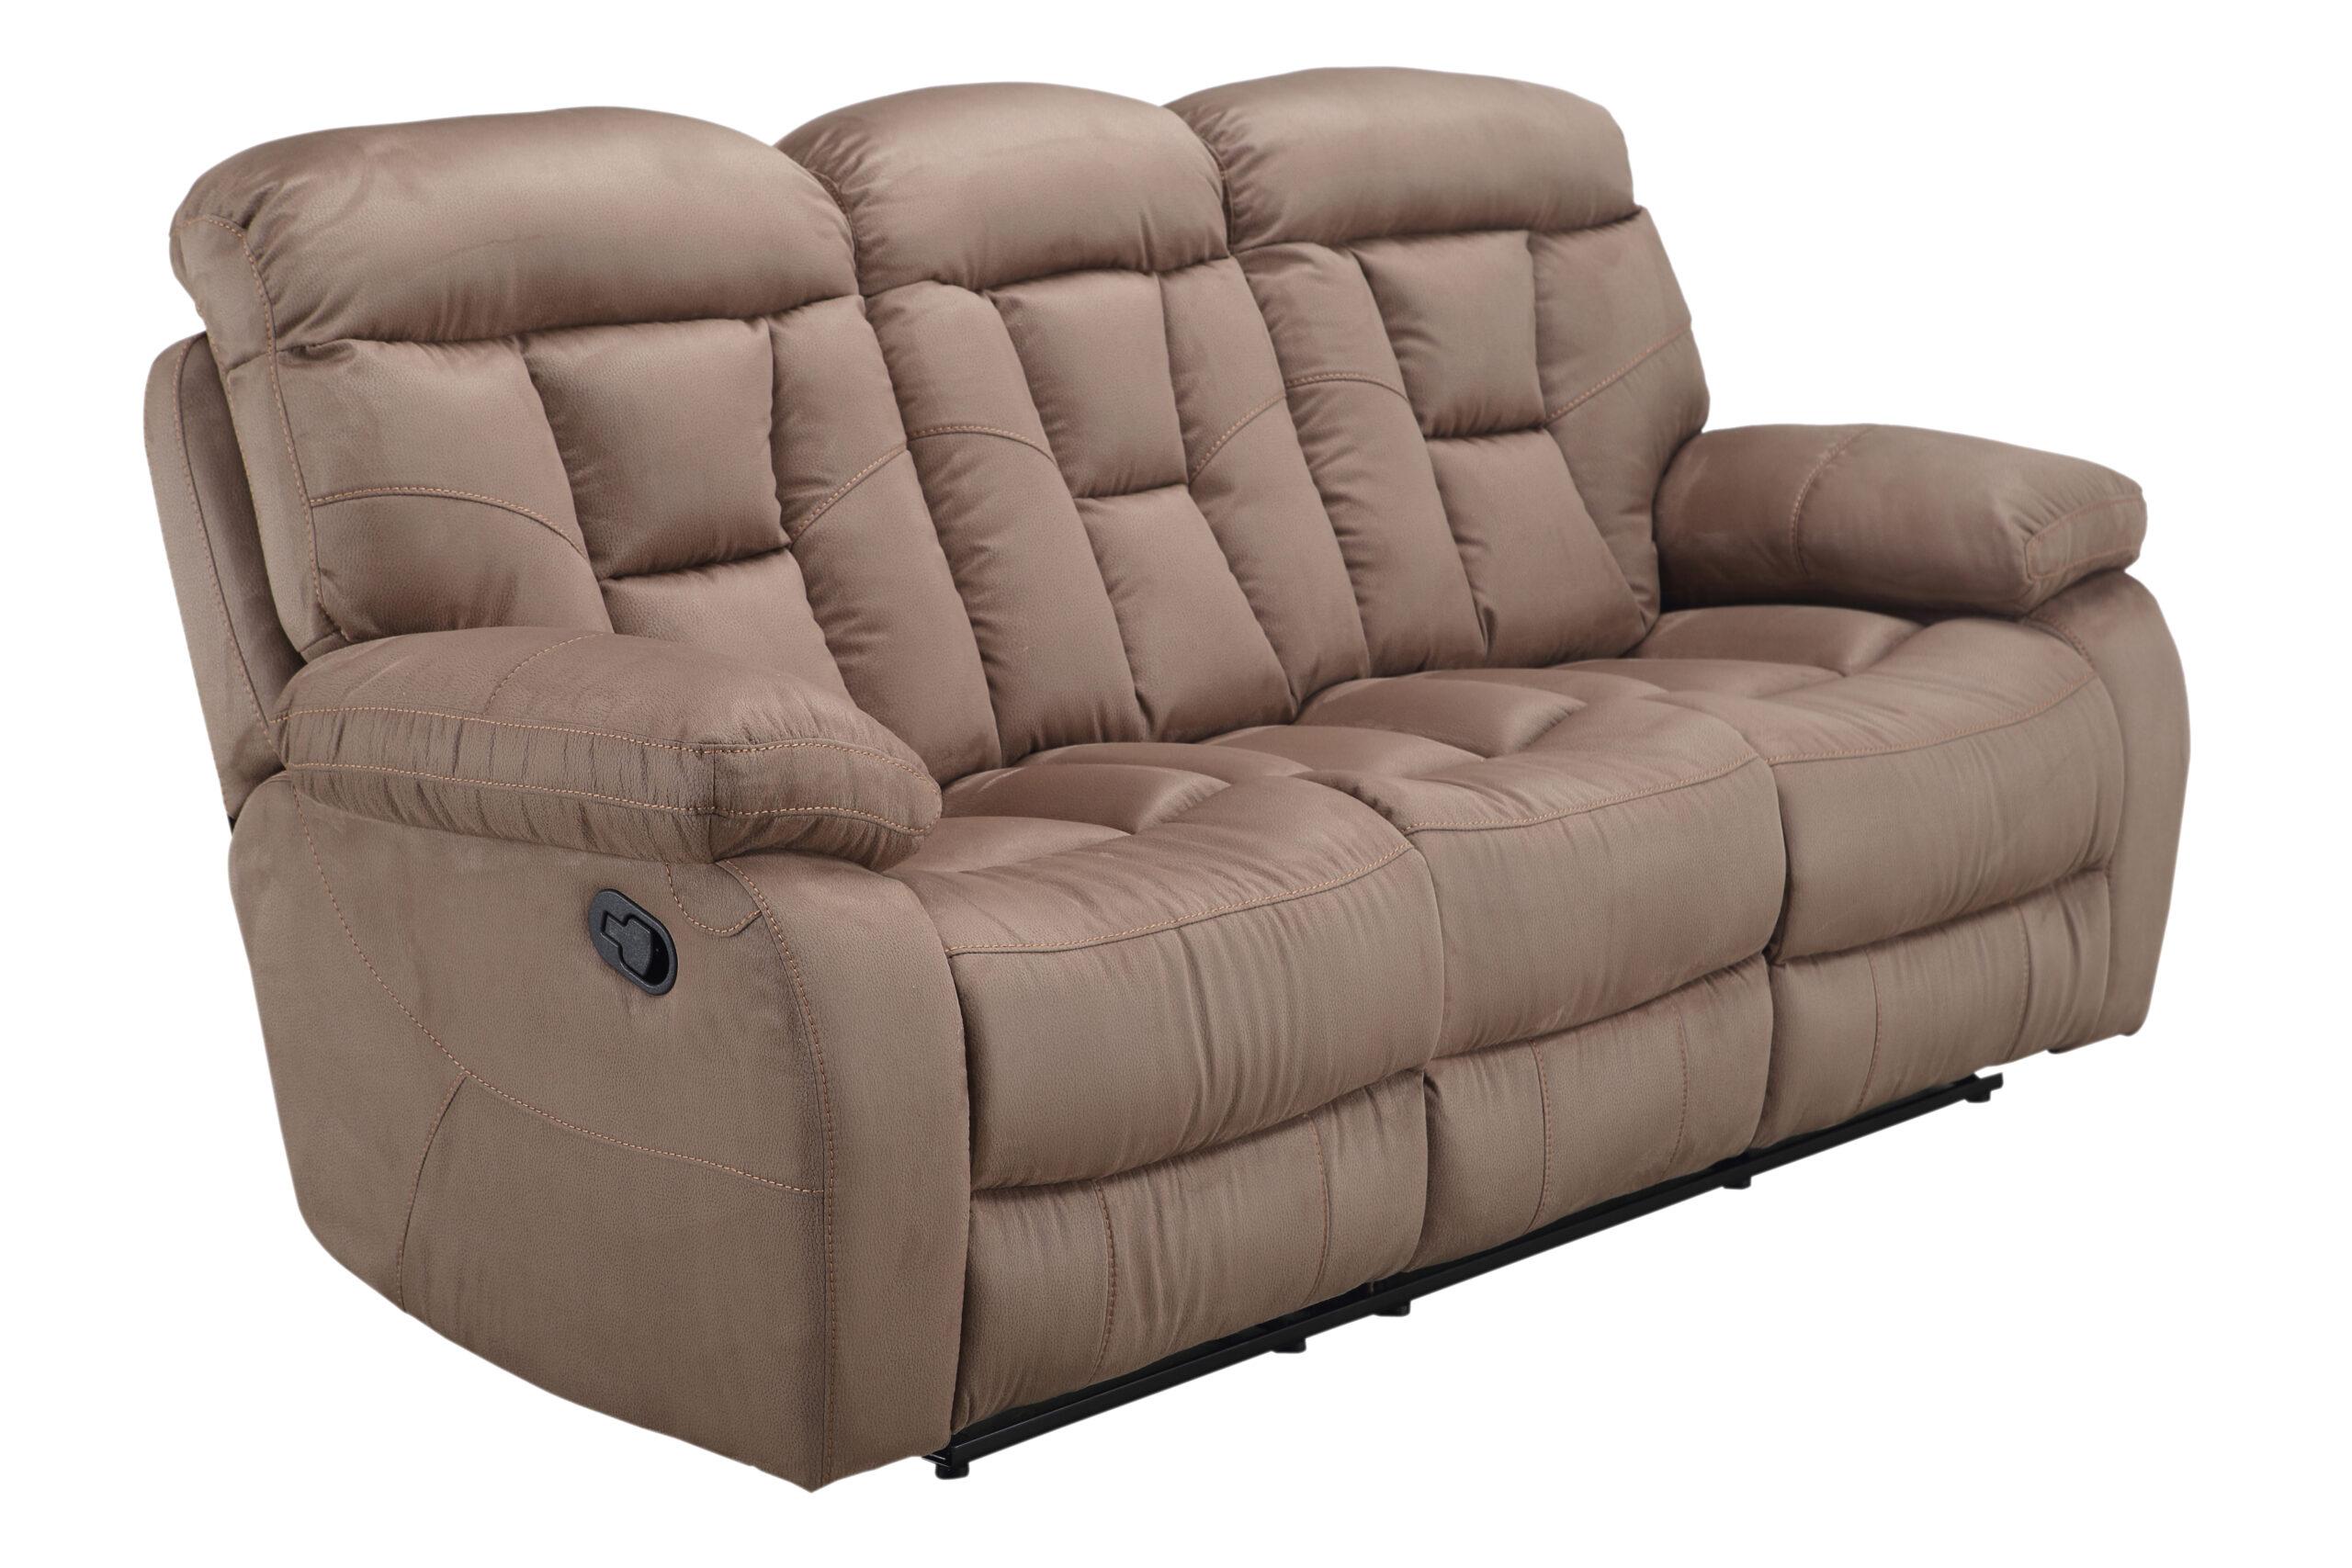 Full Size of 3 Sitzer Sofa Mit Relaxfunktion Höffner Big Brühl Betten Bettkasten Blau Küche E Geräten Günstig Ausziehbar Terassen Kleiderschrank Regal Sitzhöhe 55 Cm Sofa 3 Sitzer Sofa Mit Relaxfunktion